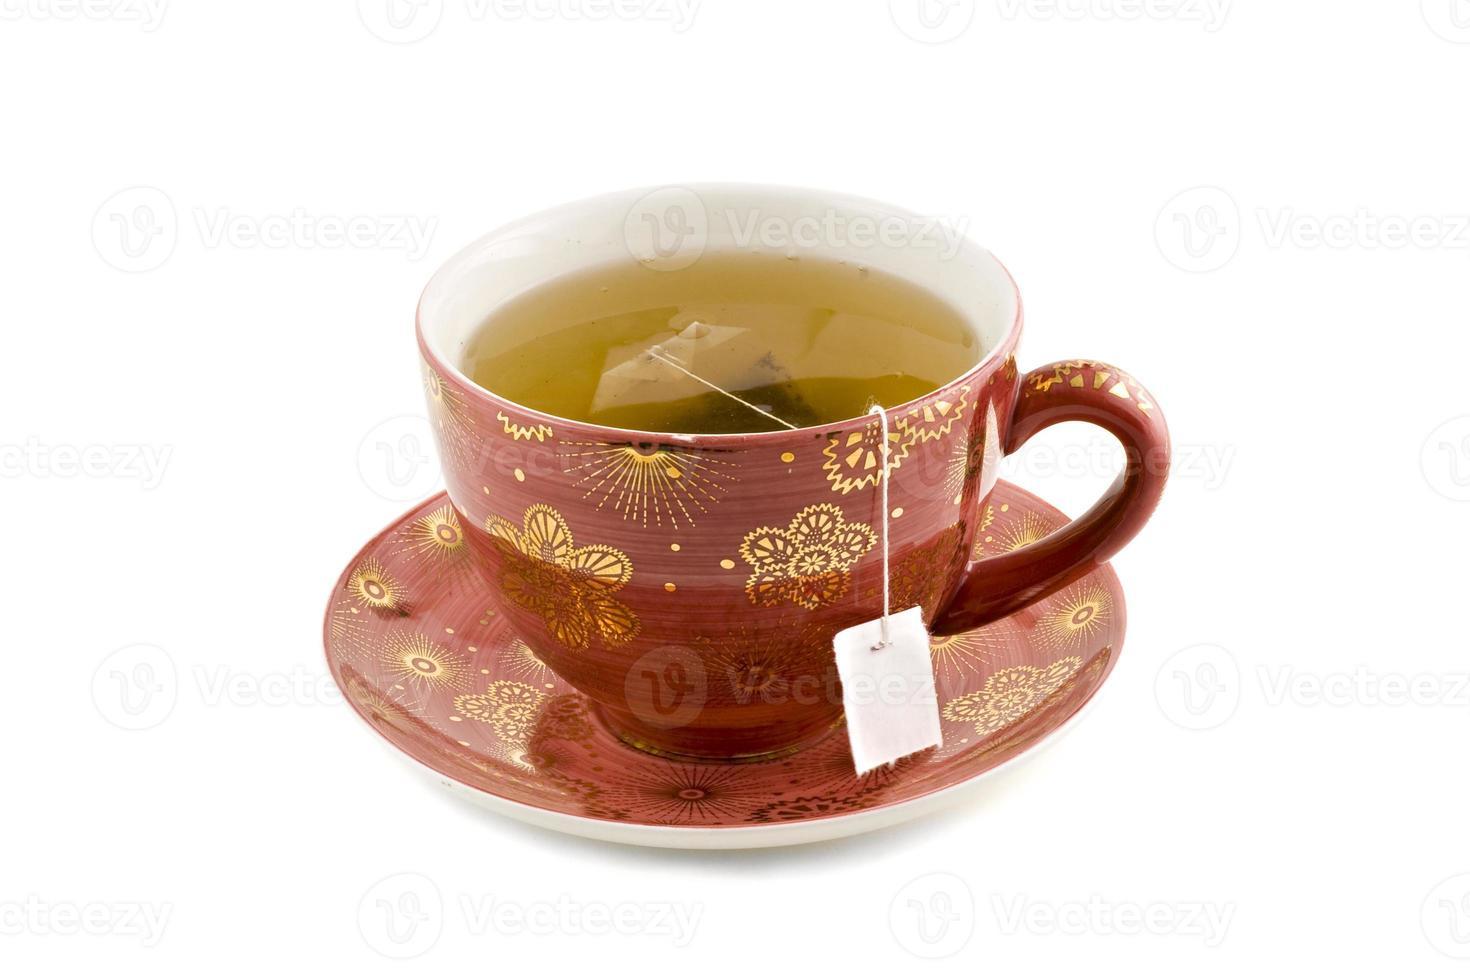 fin kopp te i en röd vintage uppsättning tekopp och tallrik foto